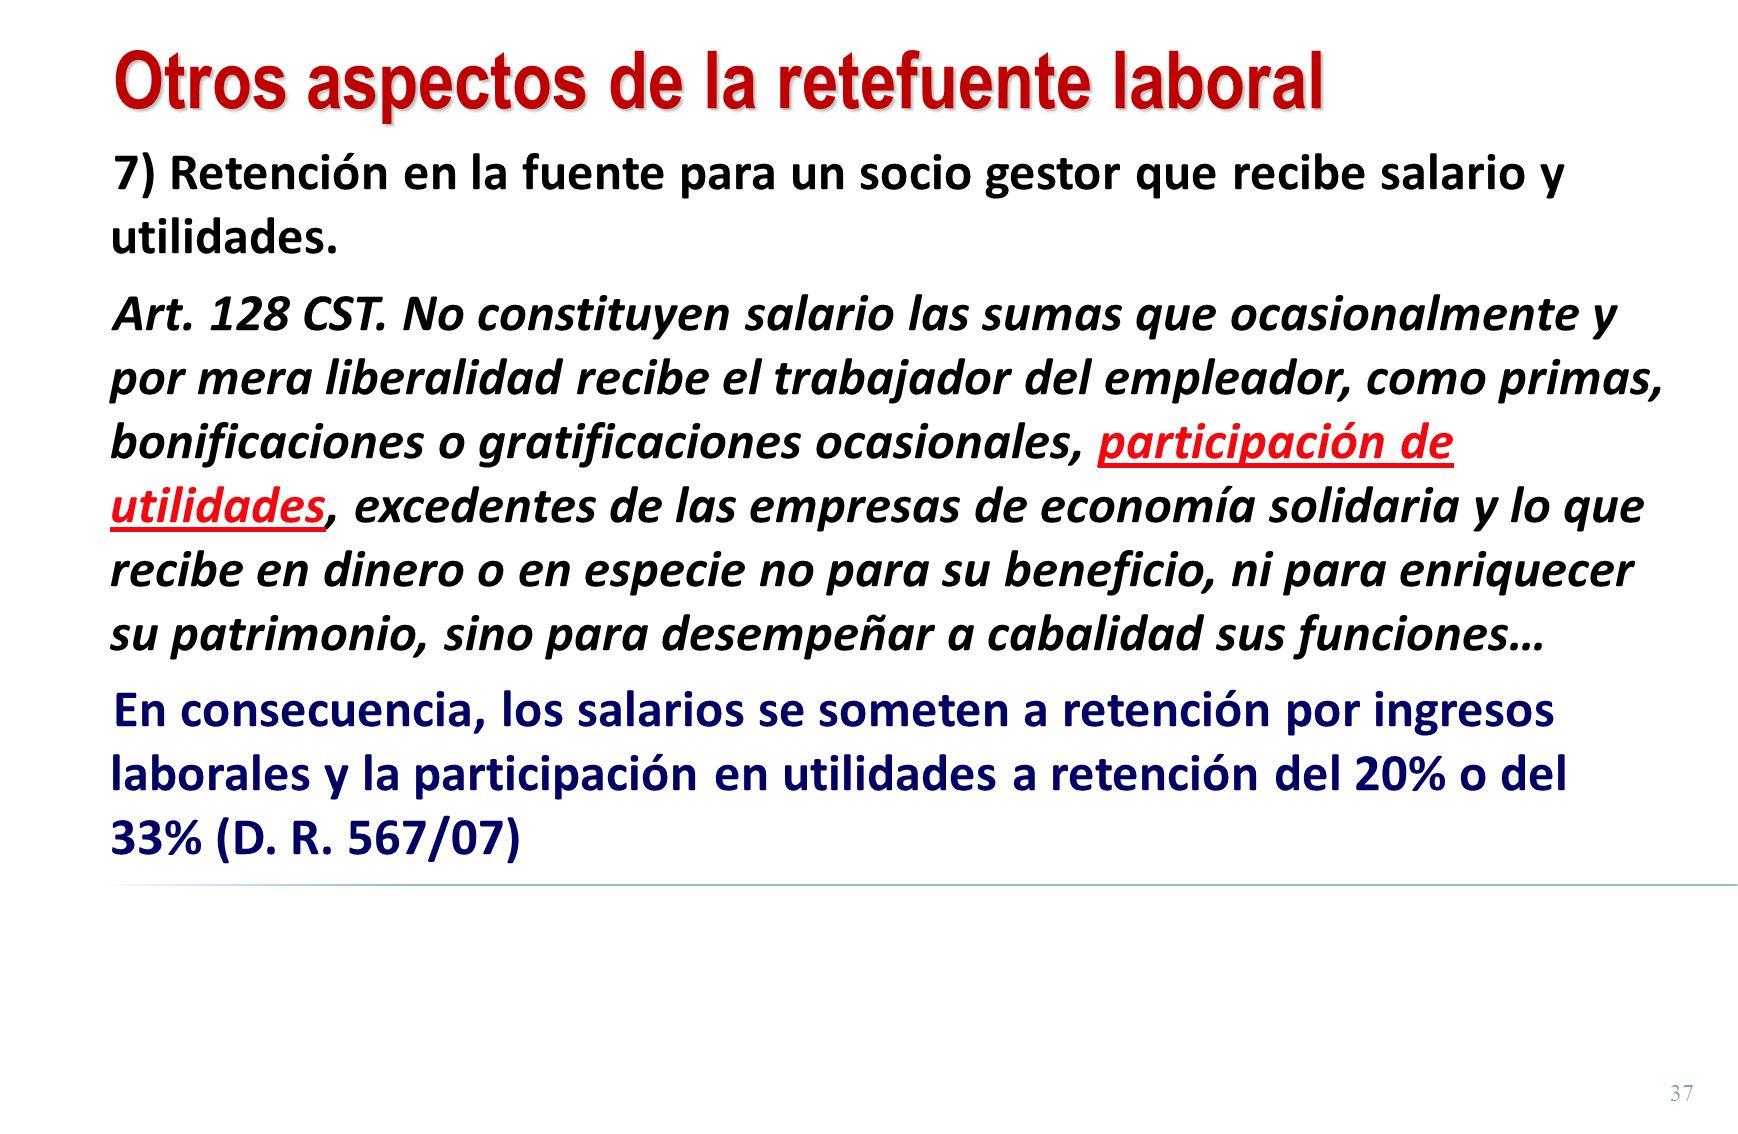 37 Otros aspectos de la retefuente laboral 7) Retención en la fuente para un socio gestor que recibe salario y utilidades. Art. 128 CST. No constituye